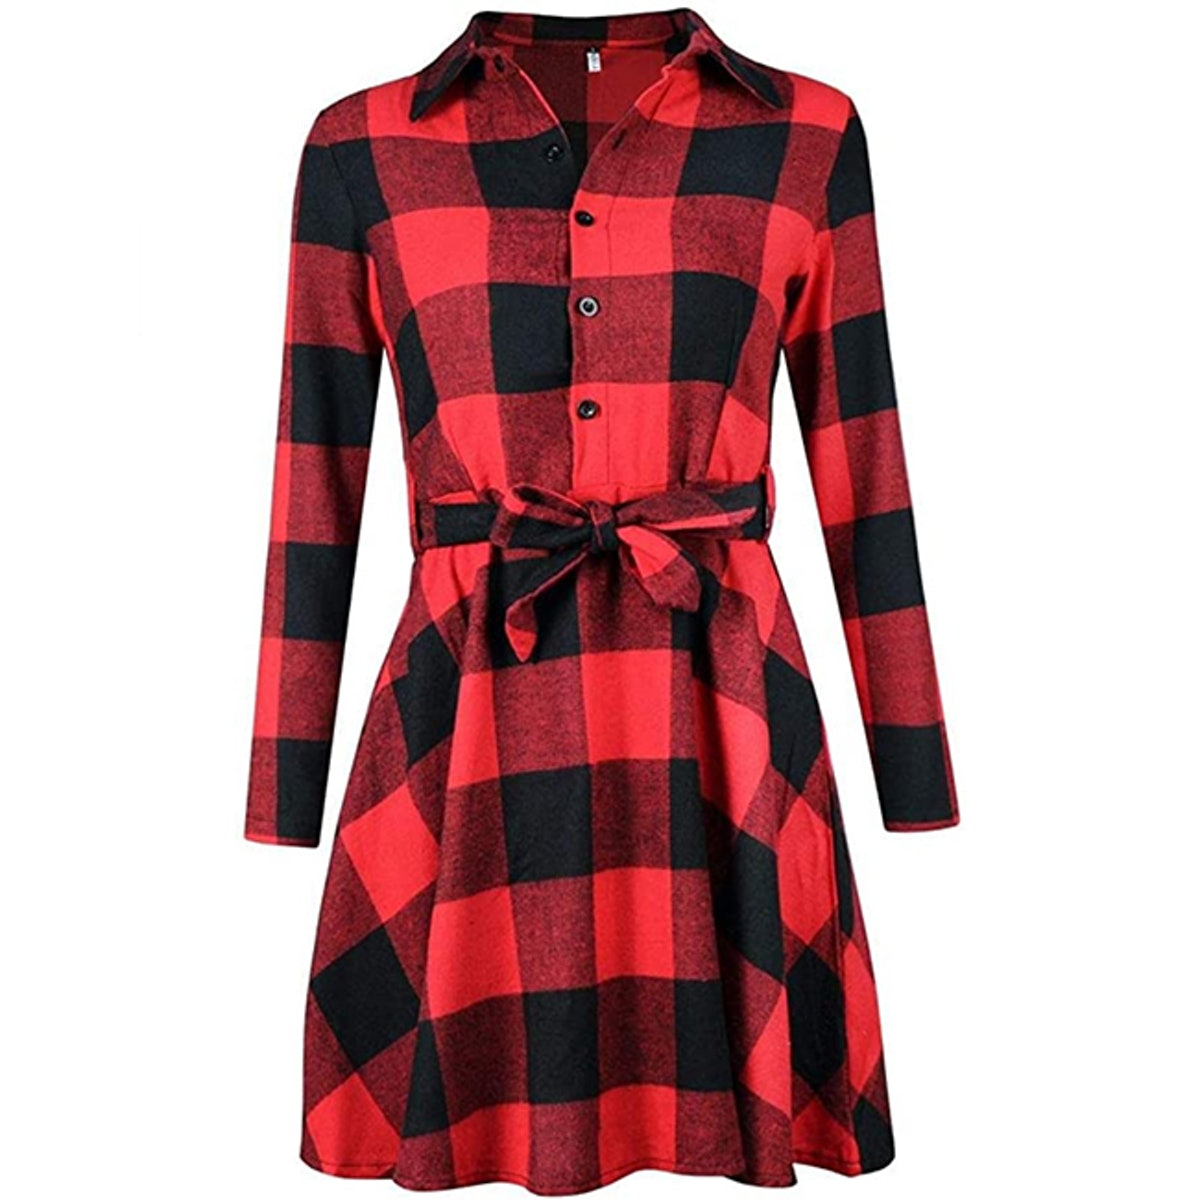 FANCYINN Long Sleeve Plaid Dress